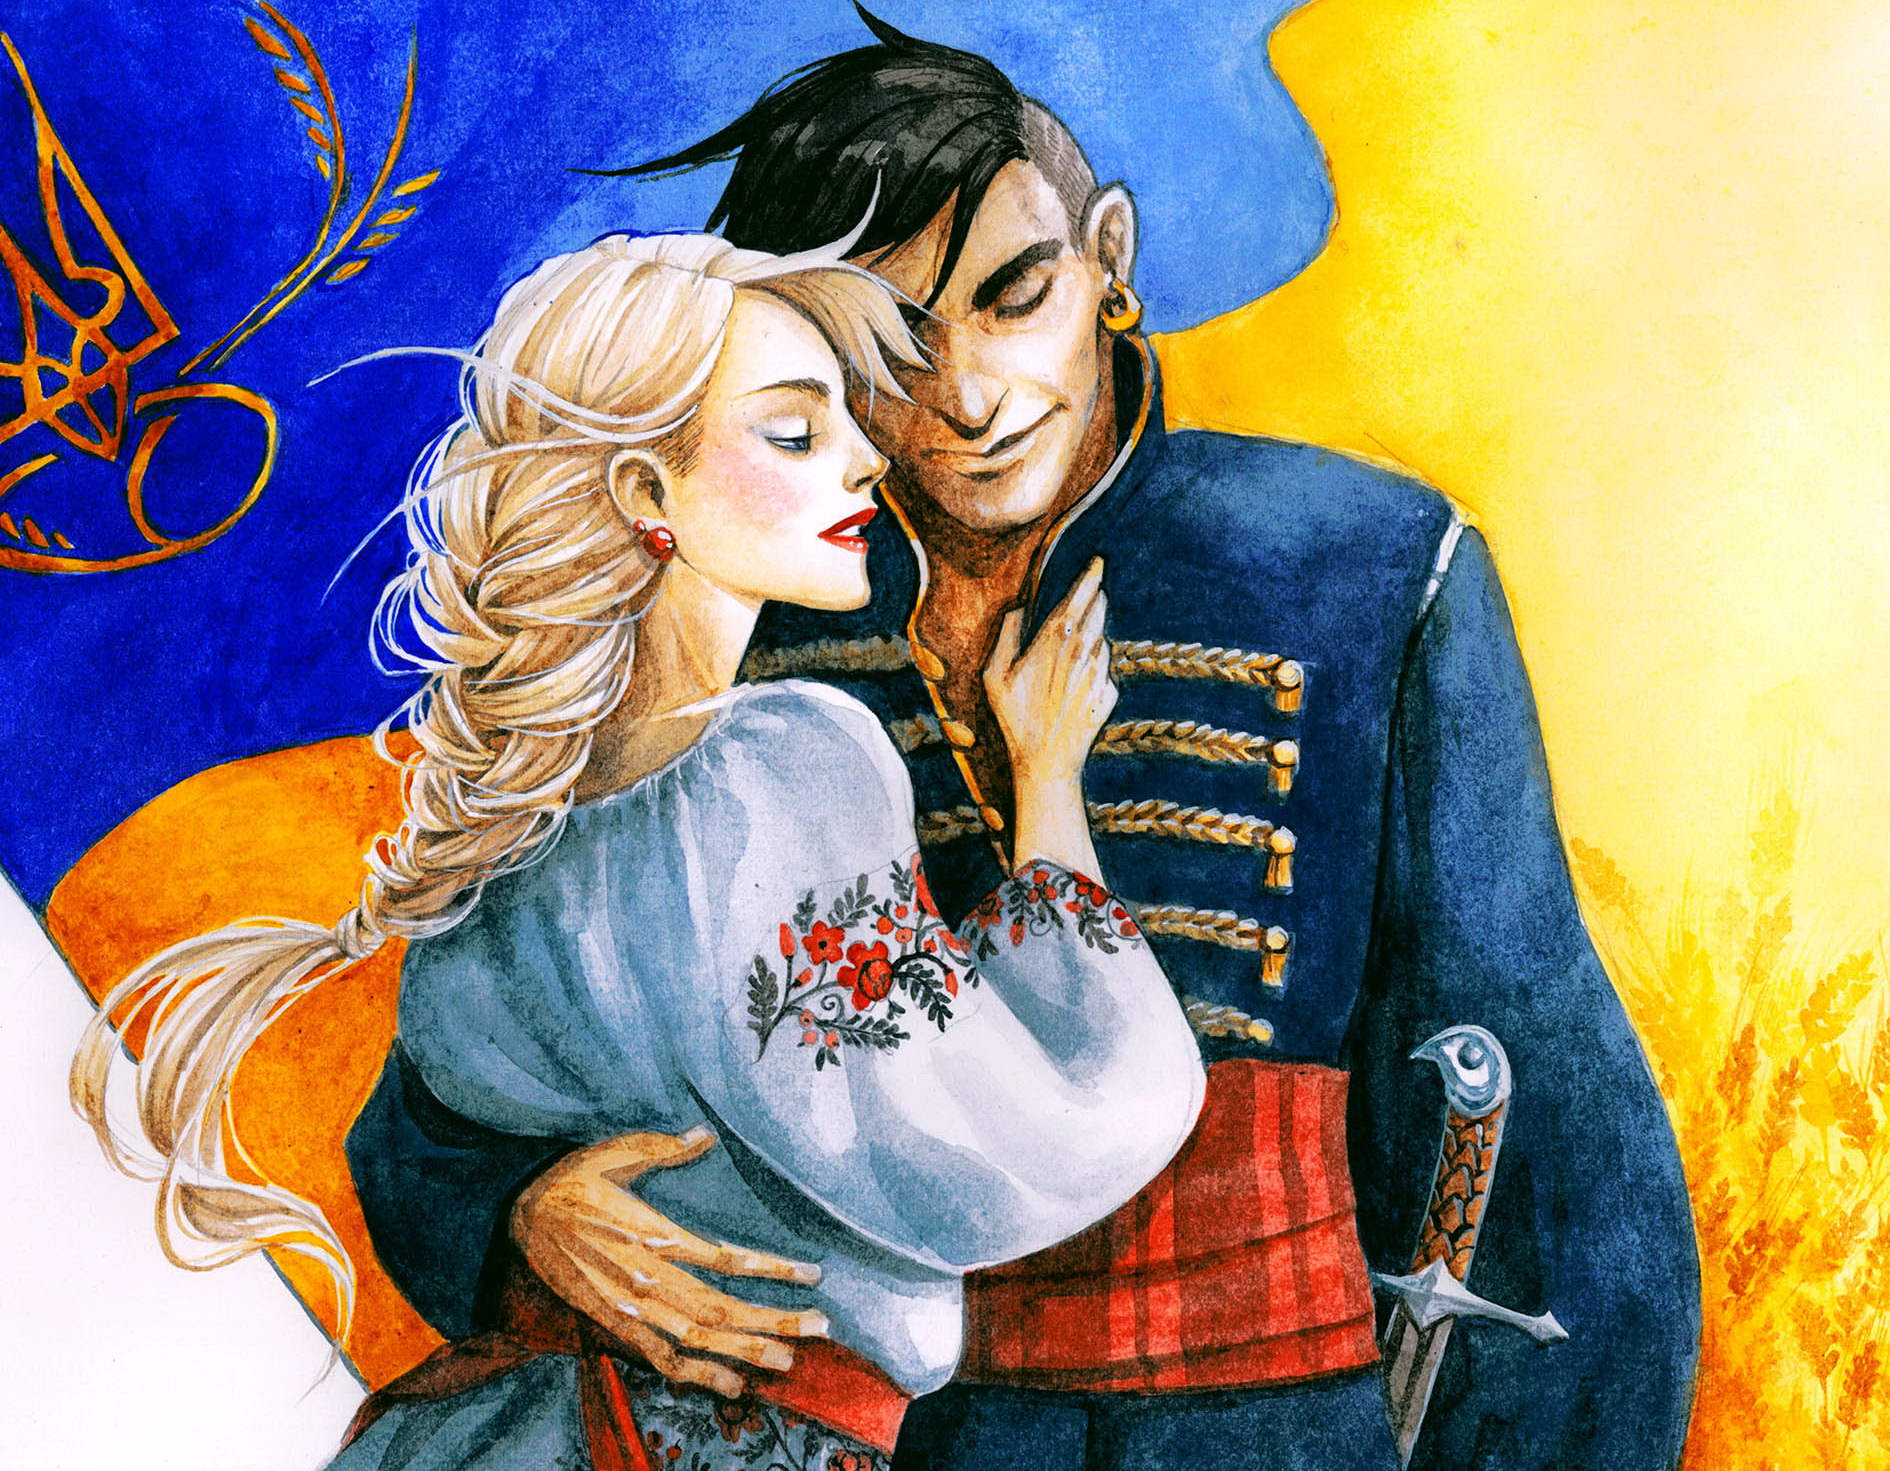 Главный бой еще впереди: Нацкорпус поздравил украинцев с Новым годом - Цензор.НЕТ 8740